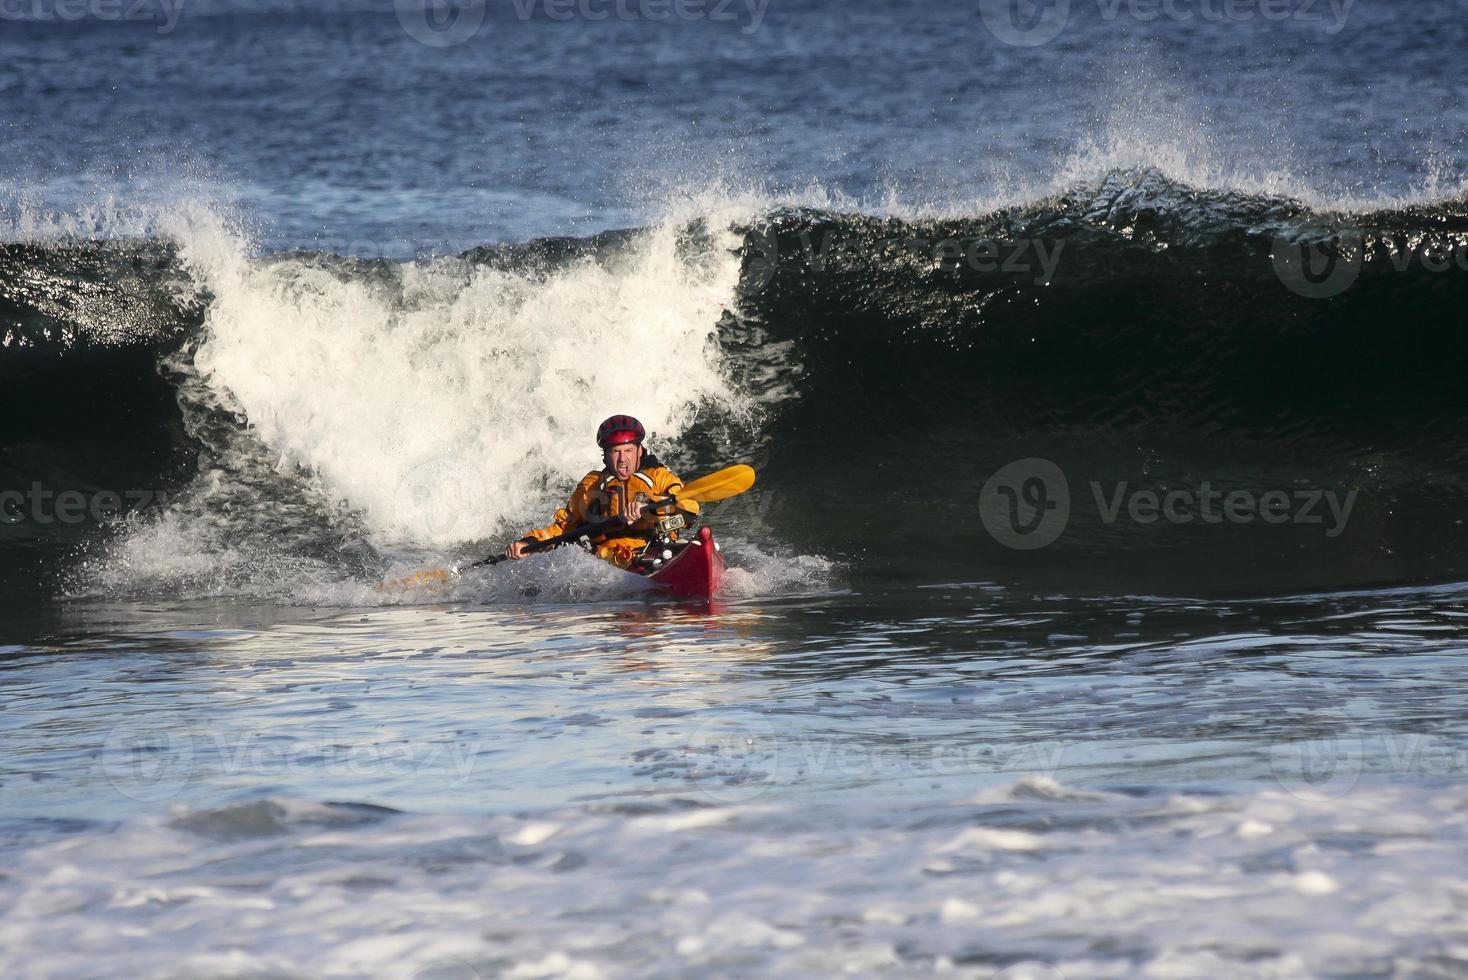 kayaker em ação foto